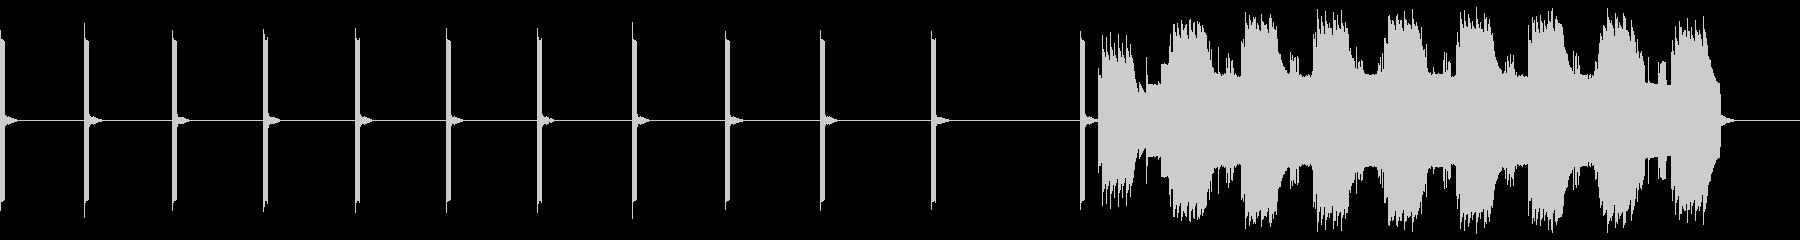 「心停止」ECGモニター(心電図)の未再生の波形